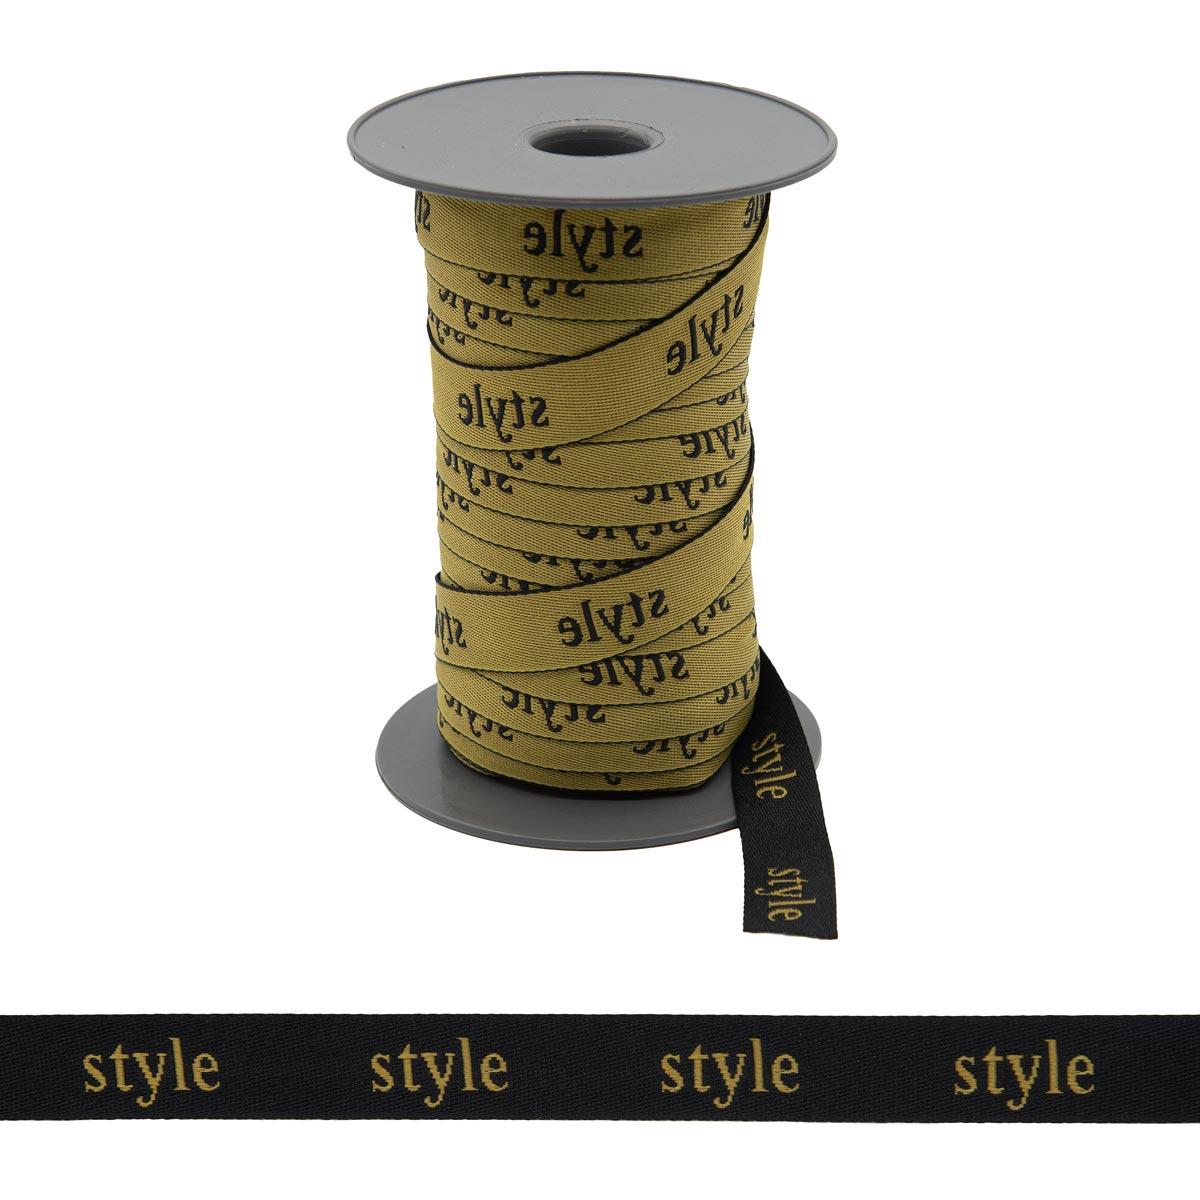 140020 Тесьма жаккардовая 'style' 20мм*50м, черный/желтый TPX13-0941